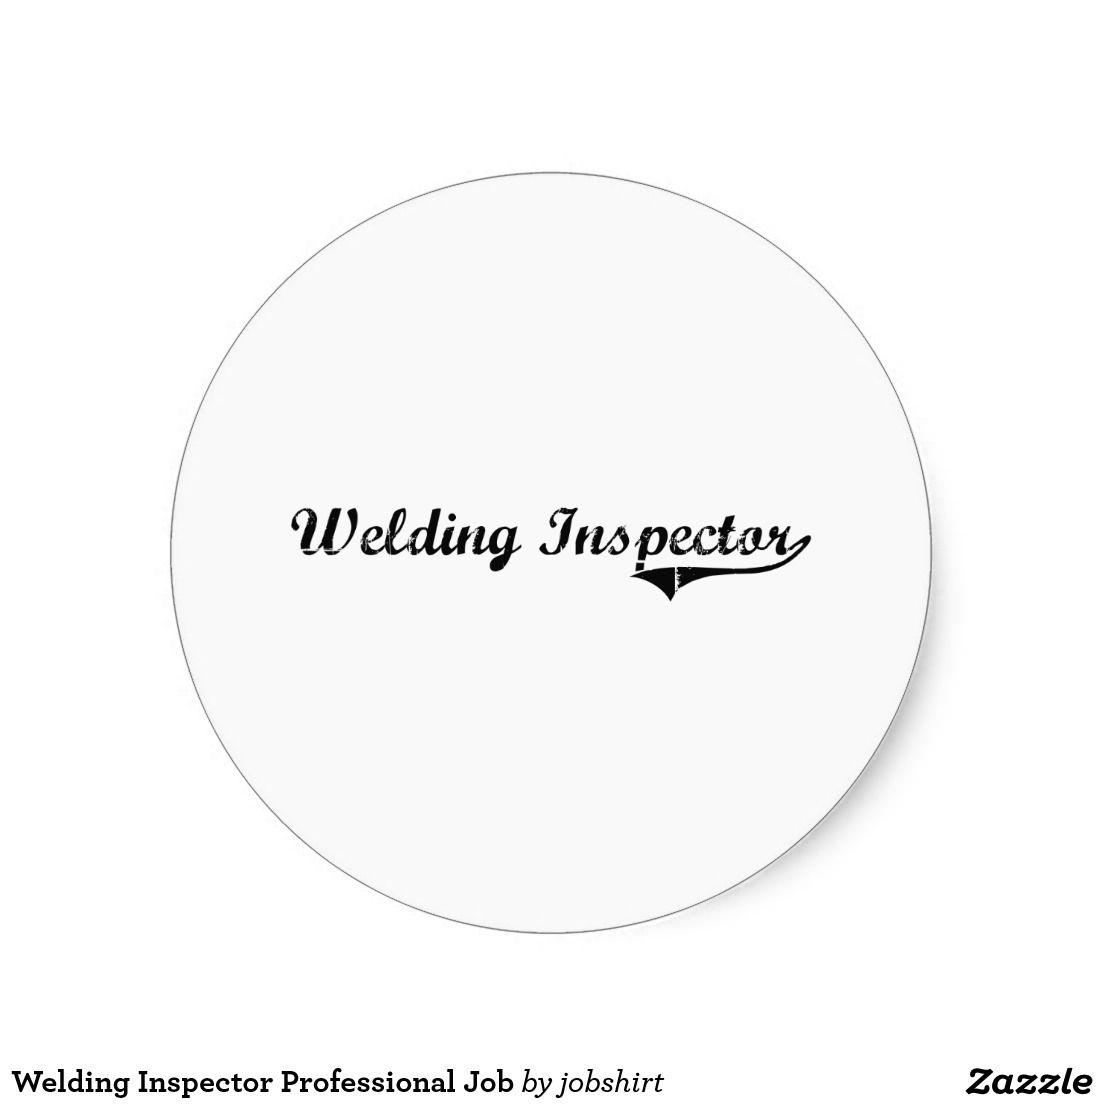 Welding Inspector Resume | RESUMES DESIGN | resume of welding ...